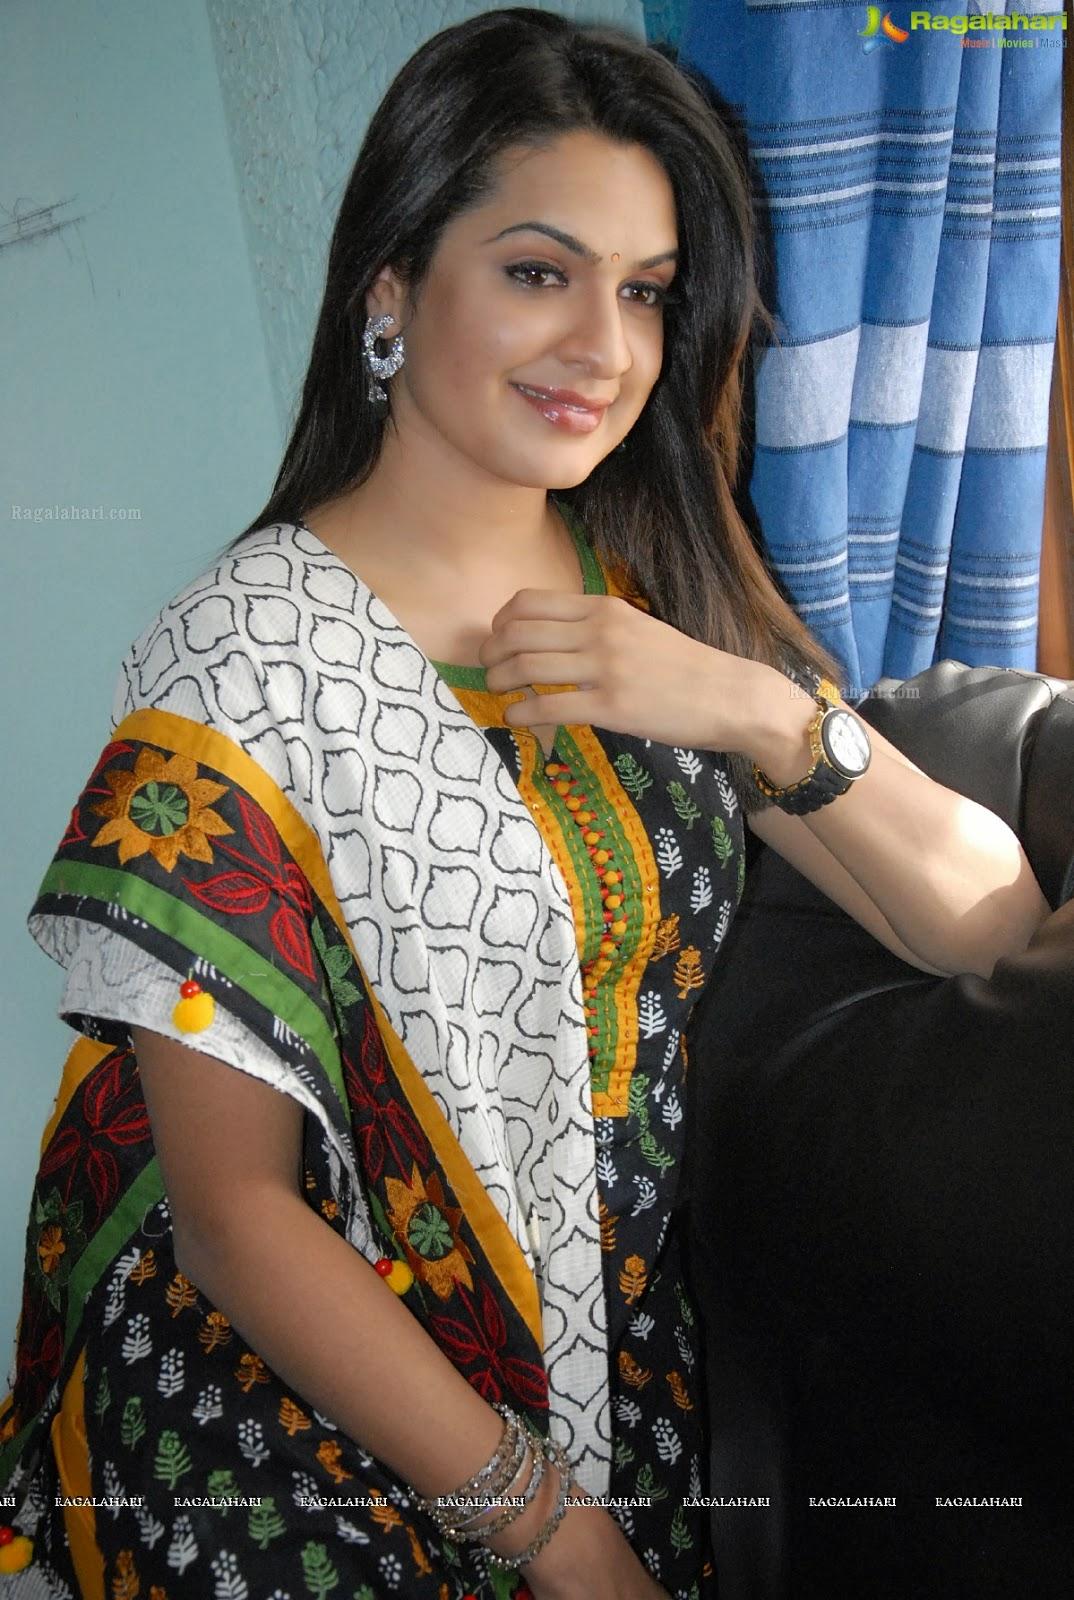 Desi girls bhabhi